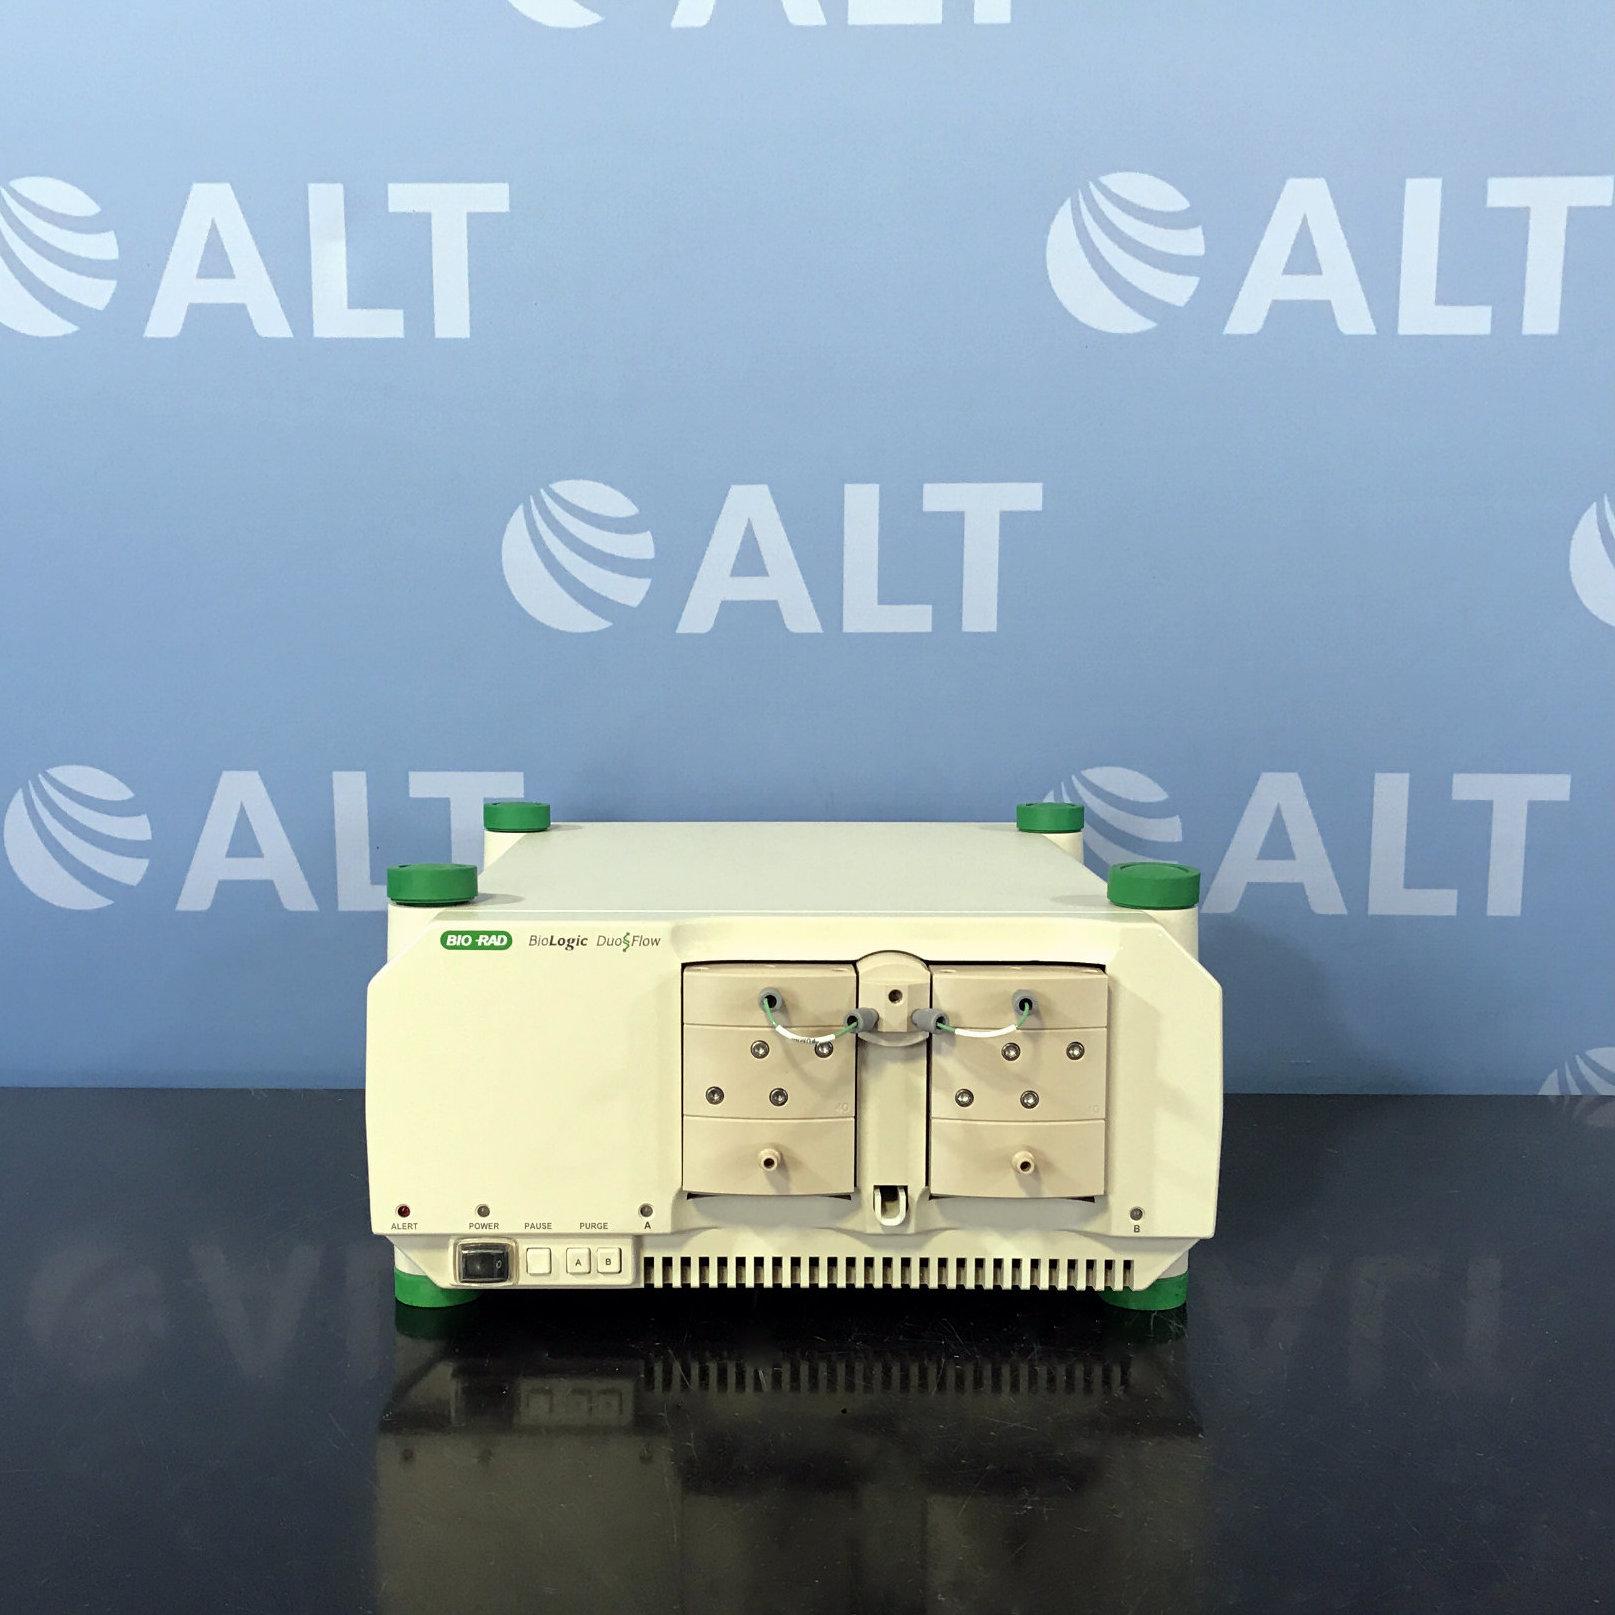 Bio-Rad BioLogic DuoFlow QuadTec 40 System Image